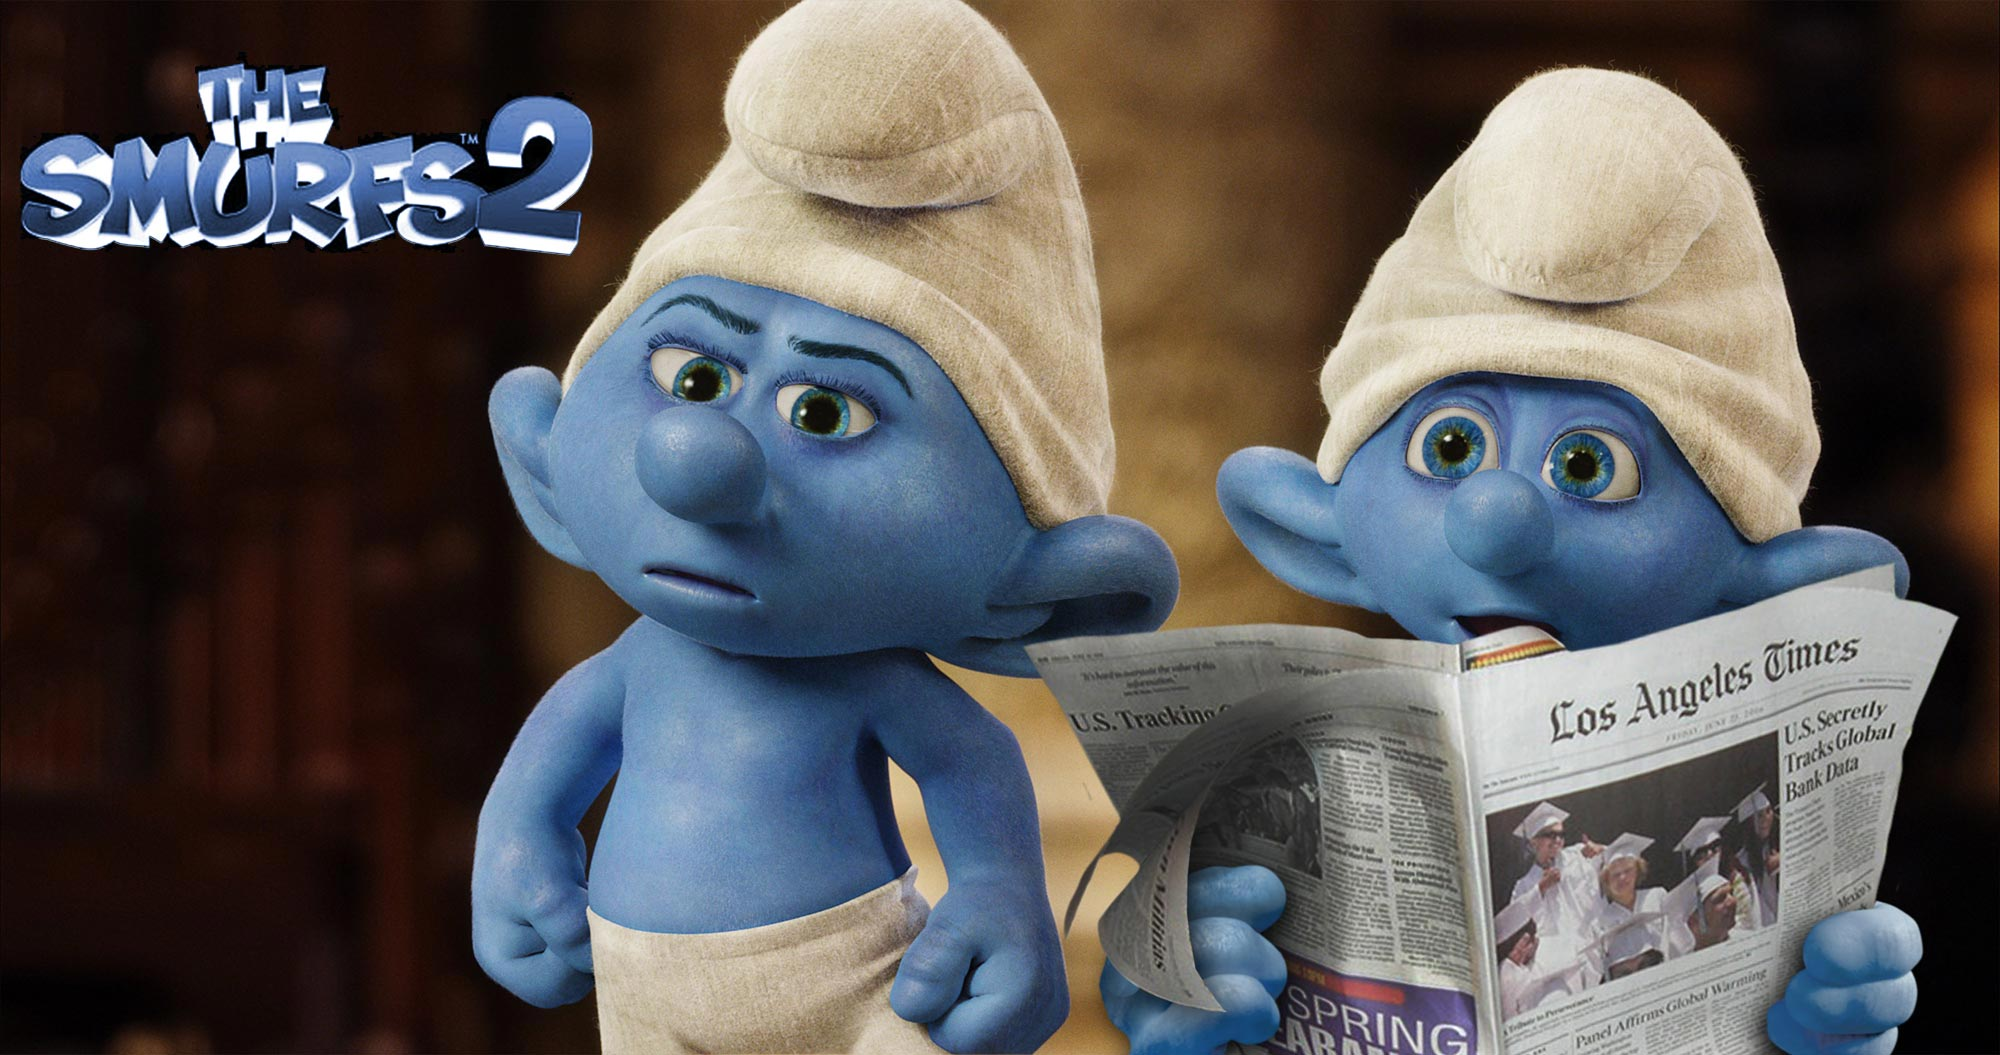 Smurfs 3d Live Wallpaper The Smurfs 2 International Trailer And New Photos Filmofilia